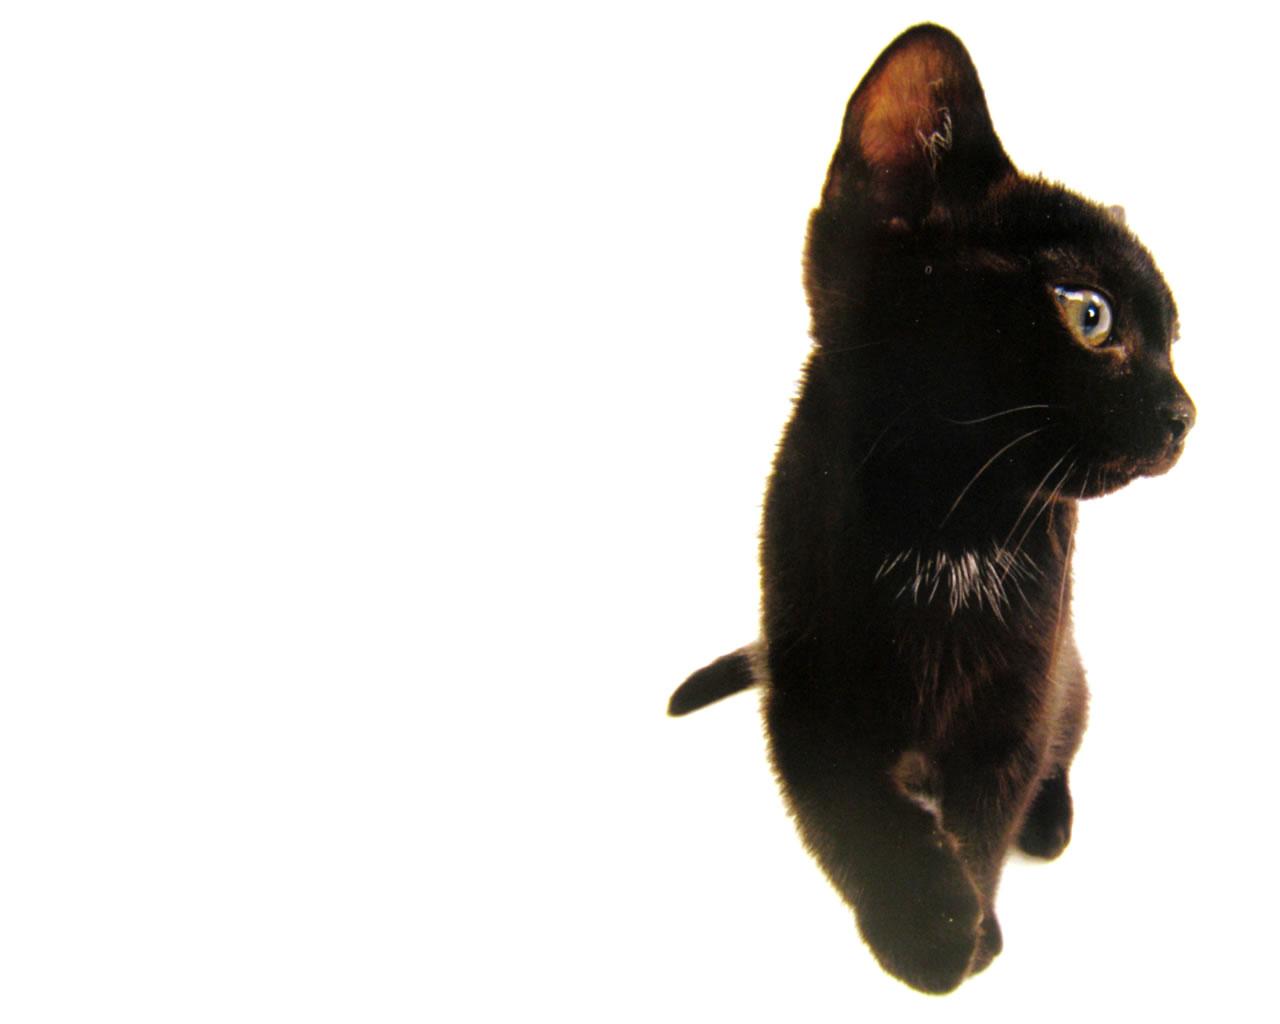 download wallpaper: een zwarte kat wallpaper